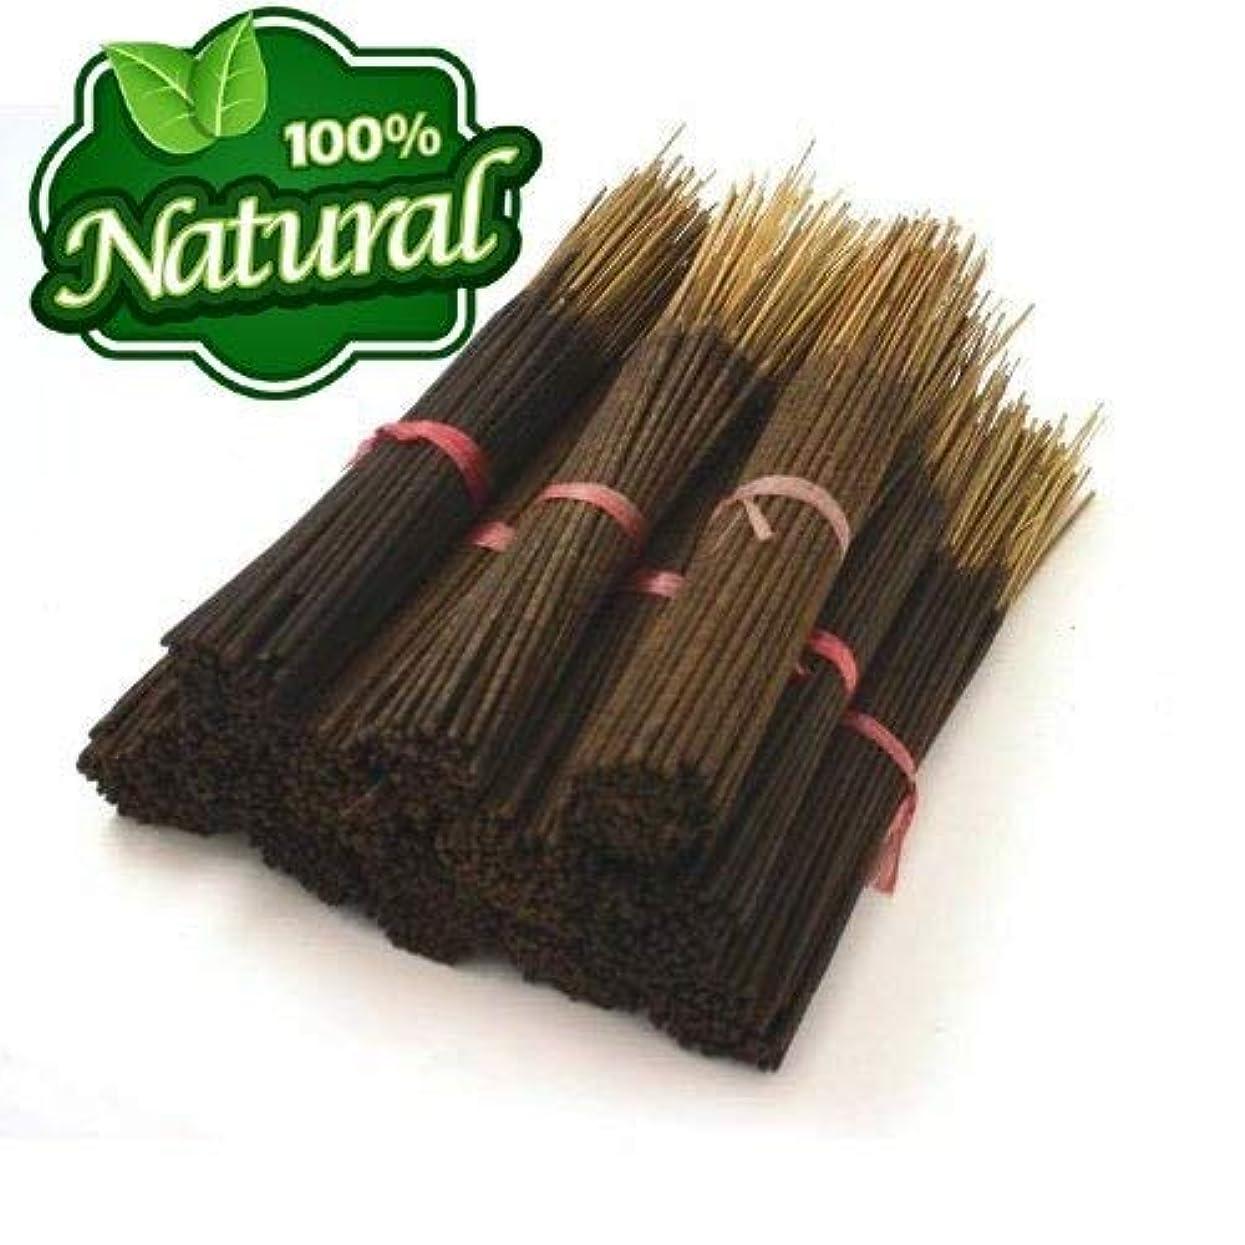 ハーブ思春期気晴らしBless-Frankincense-and-Myrrh 100%-natural-incense-sticks Handmade-hand-dipped The-best-woods-scent-500-Pack-(100x5)